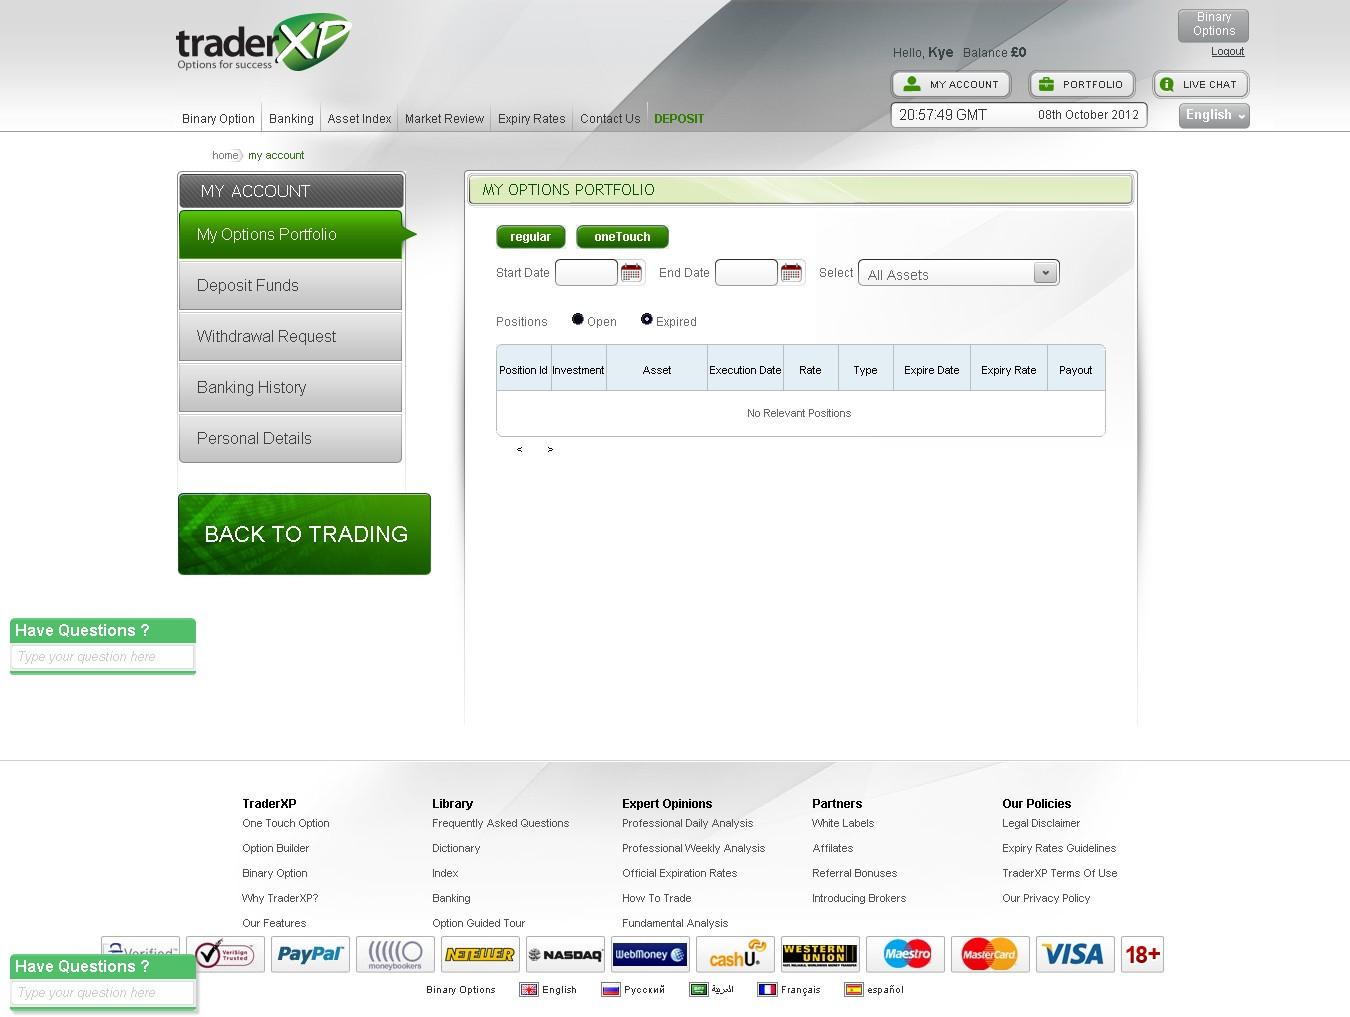 TraderXP Login